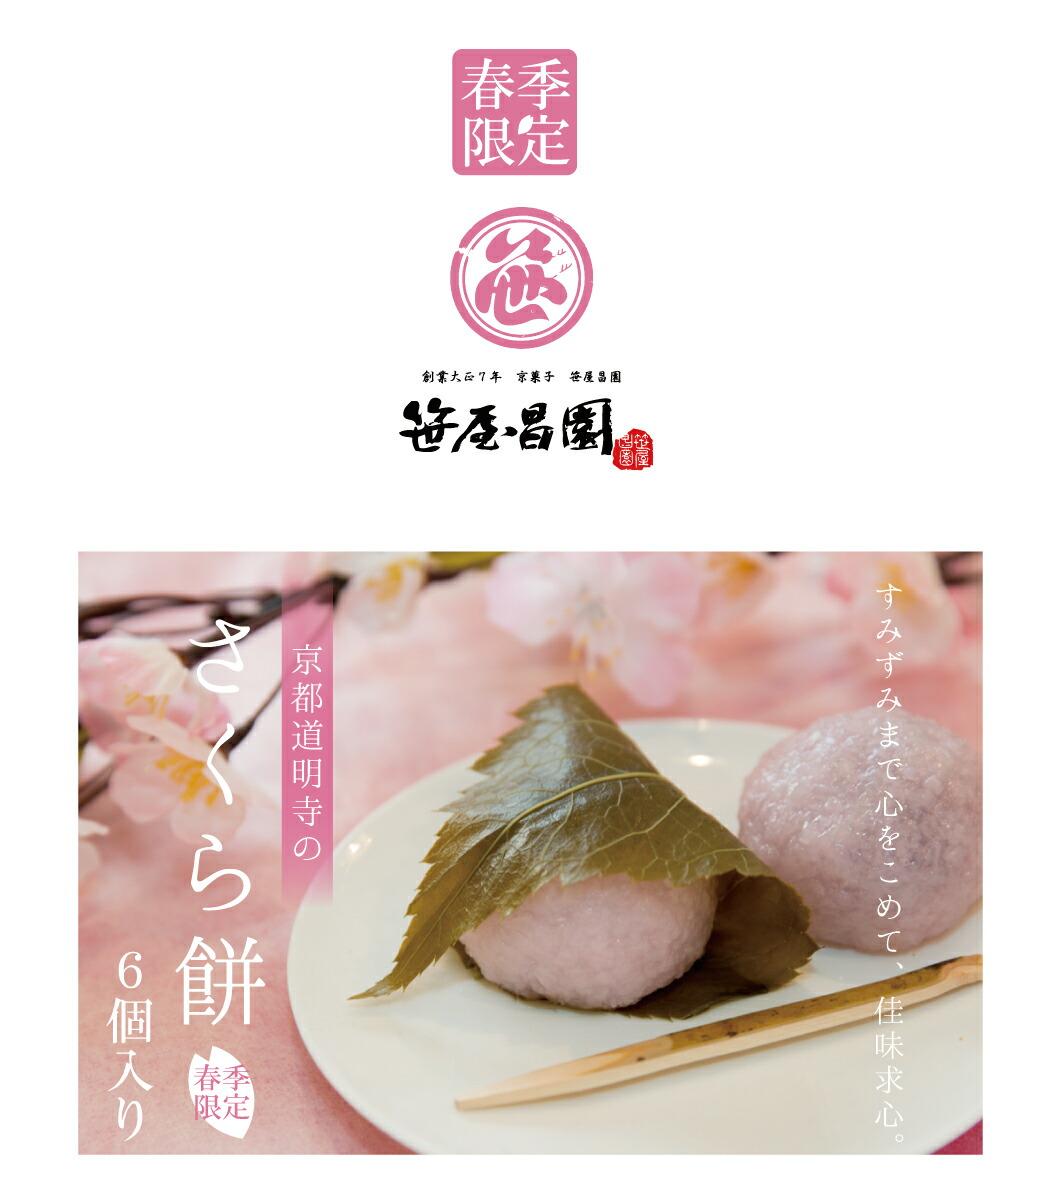 テレビで紹介 京都の桜餅(道明寺製)